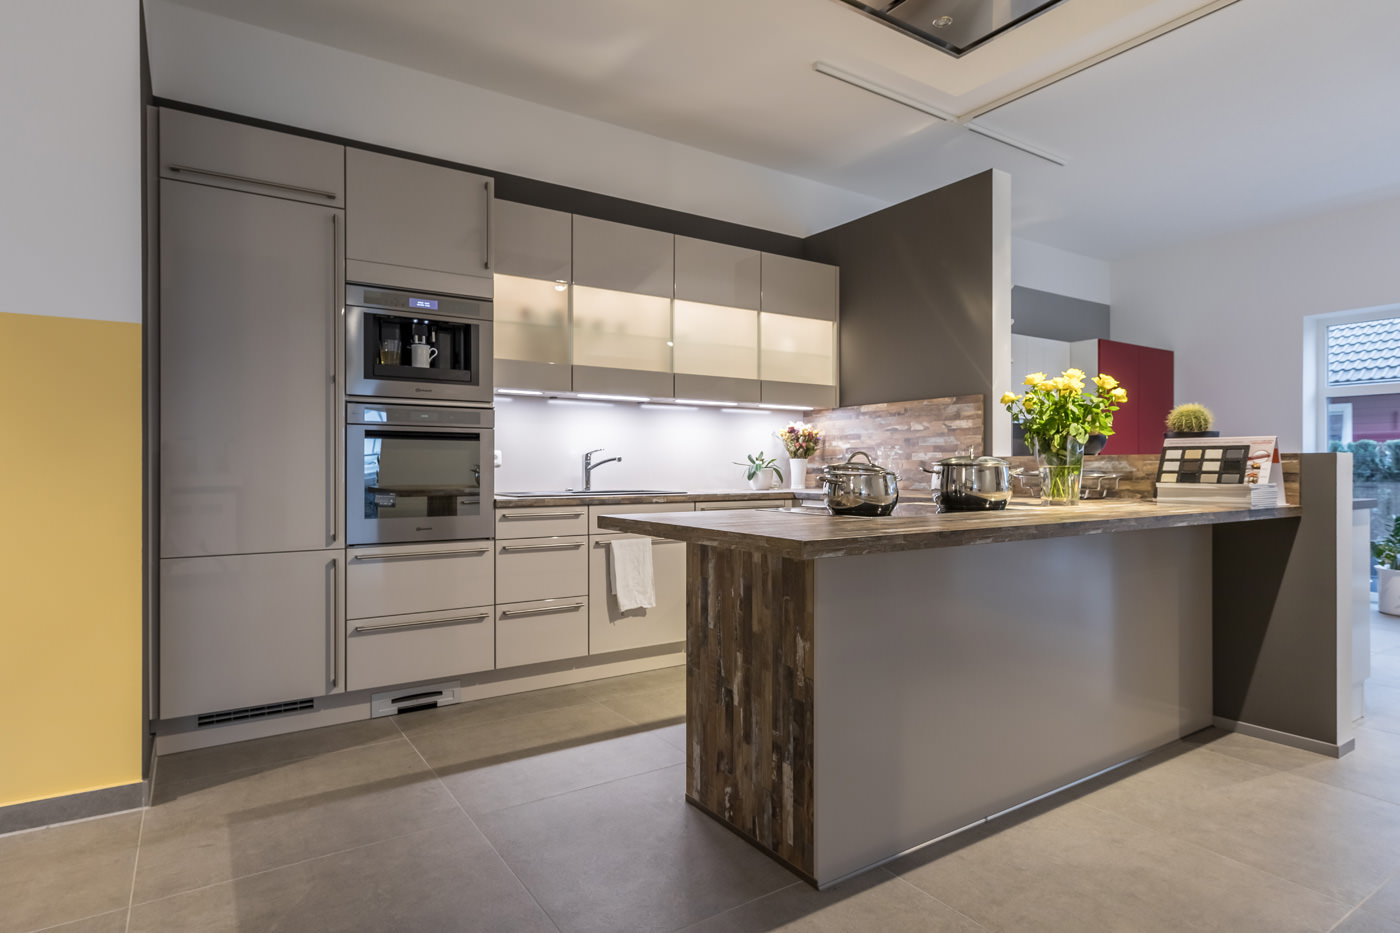 Küchenausstellung in Norderstedt: Küchen aller Art | {Küchen ausstellung 14}